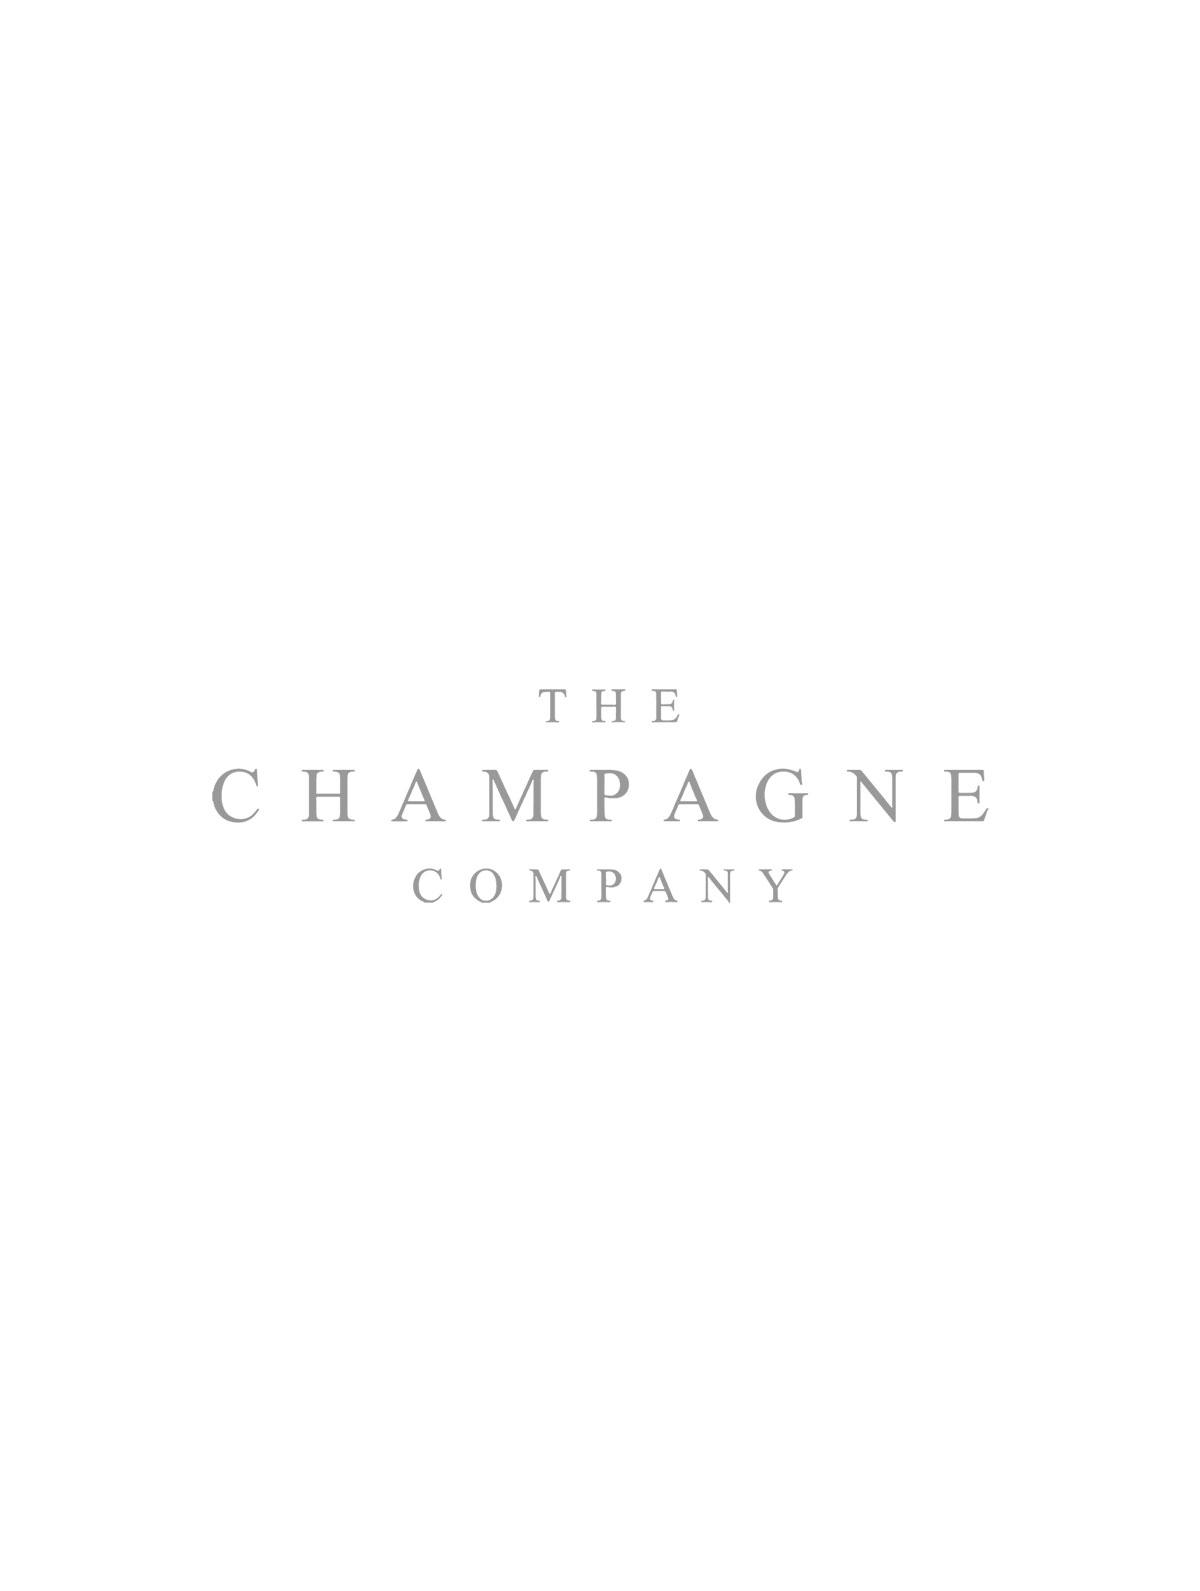 Terrazas de los Andes Reserva Cabernet Sauvignon 2012 Red Wine 75cl